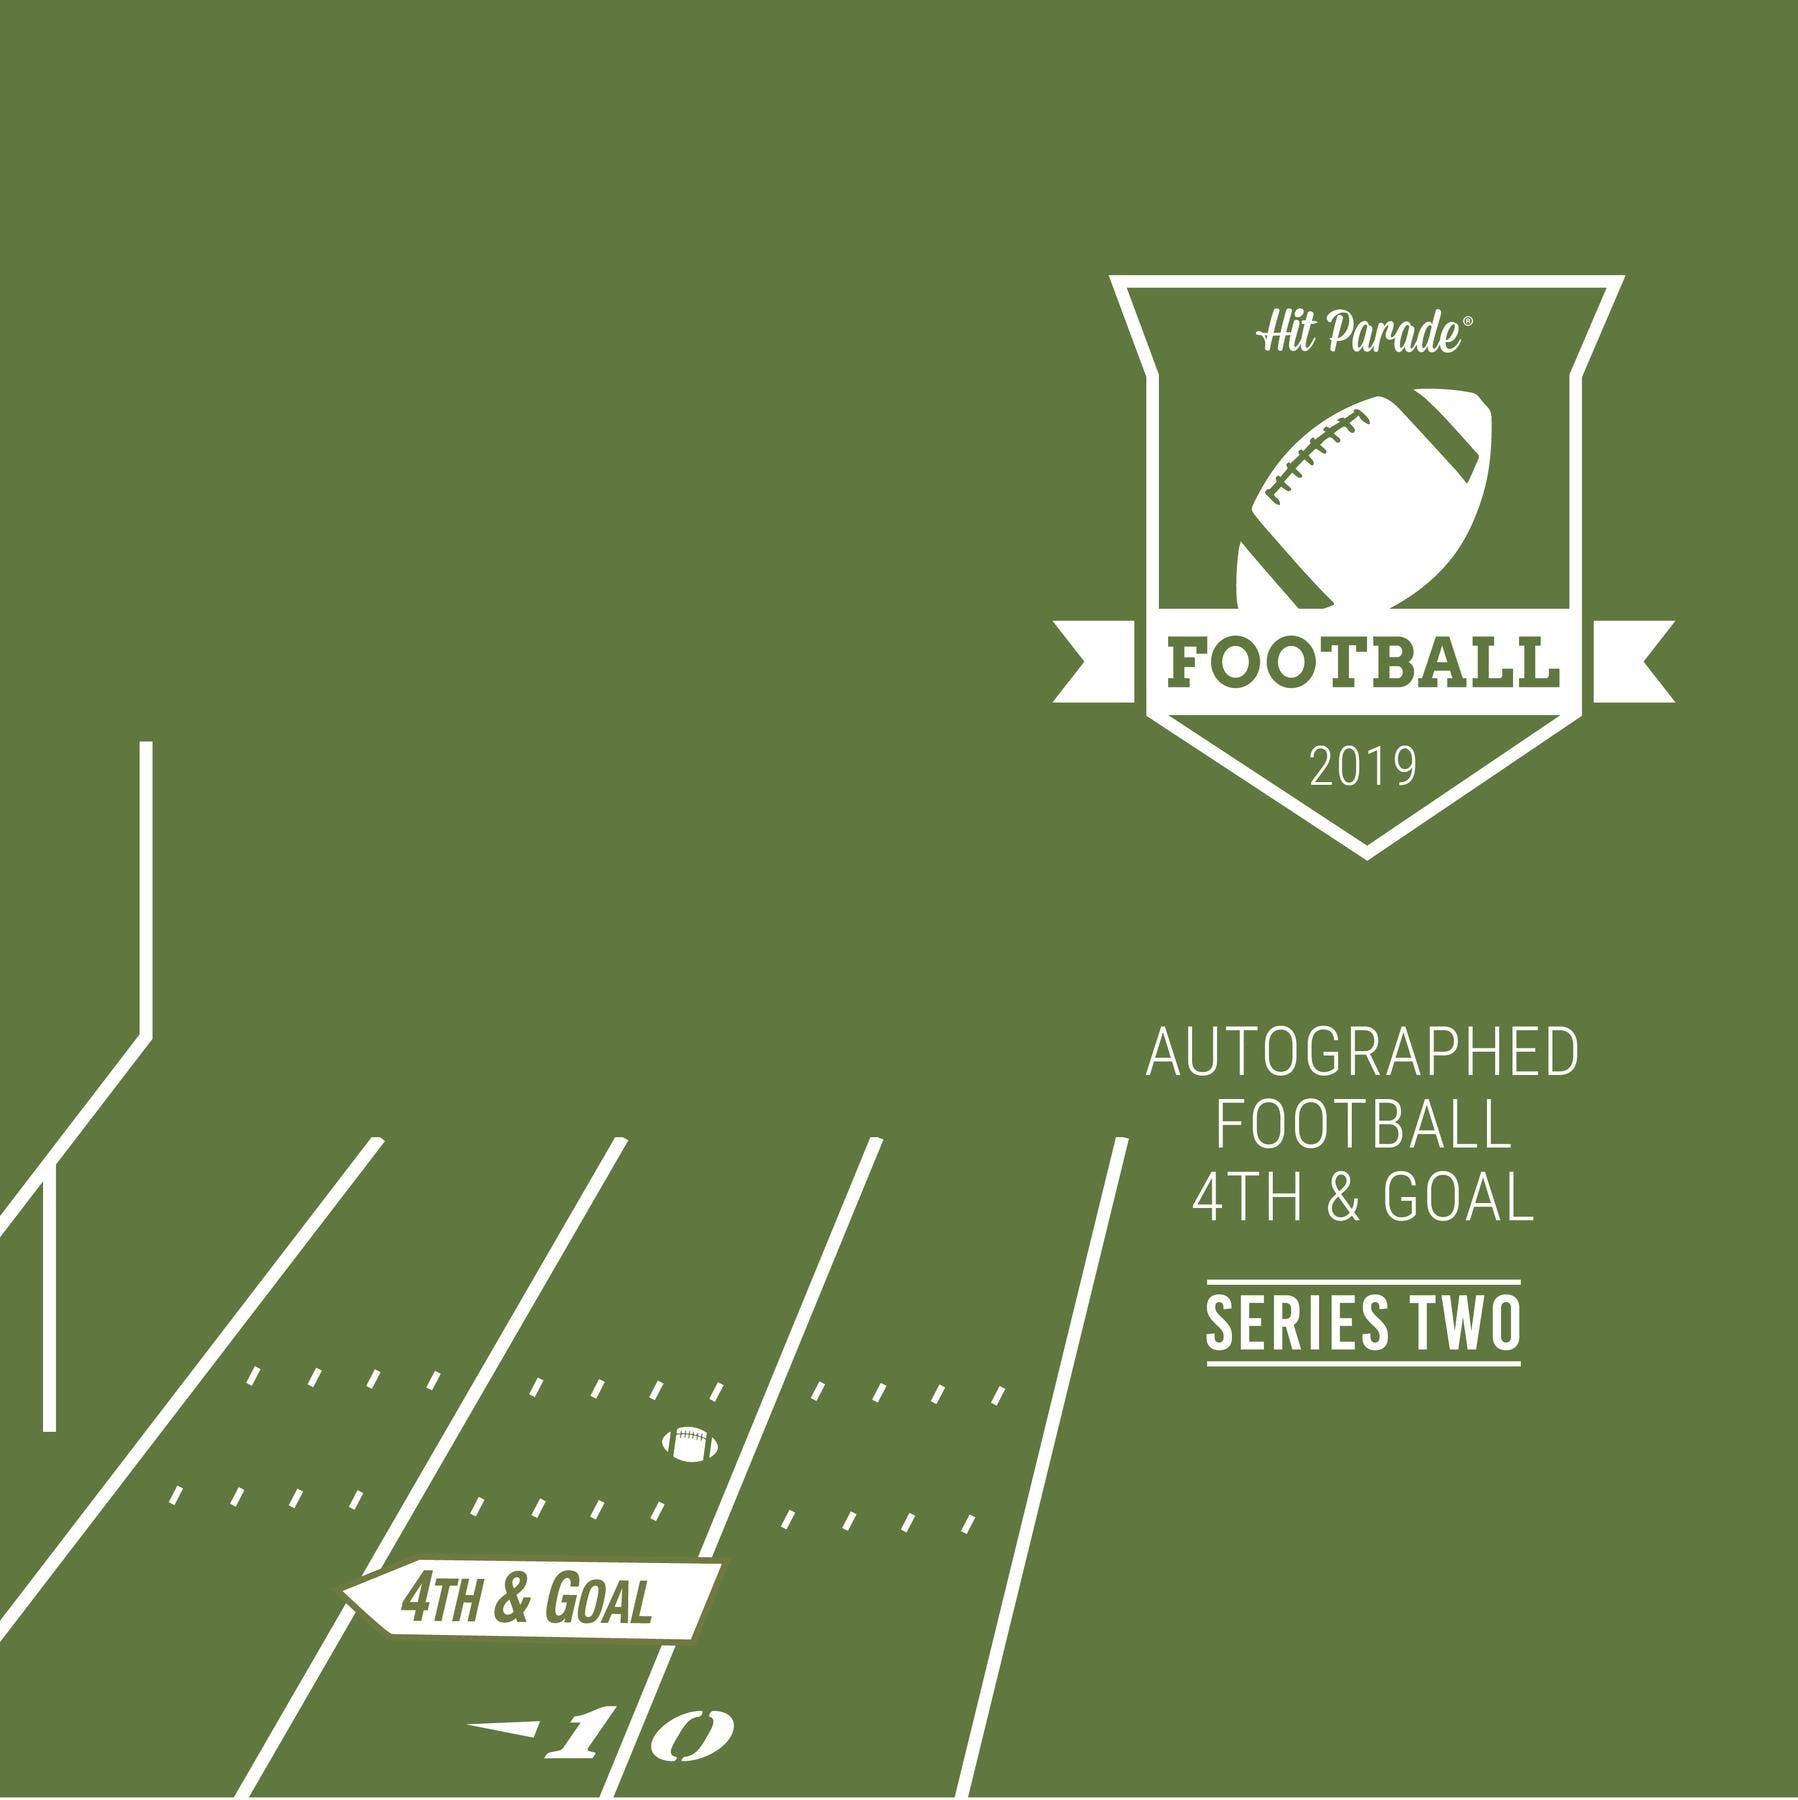 2019 Hit Parade Autographed Football 4th & GOAL Hobby Box - Series 2 -  Brady, Mahomes, Elway, & Marino!!!